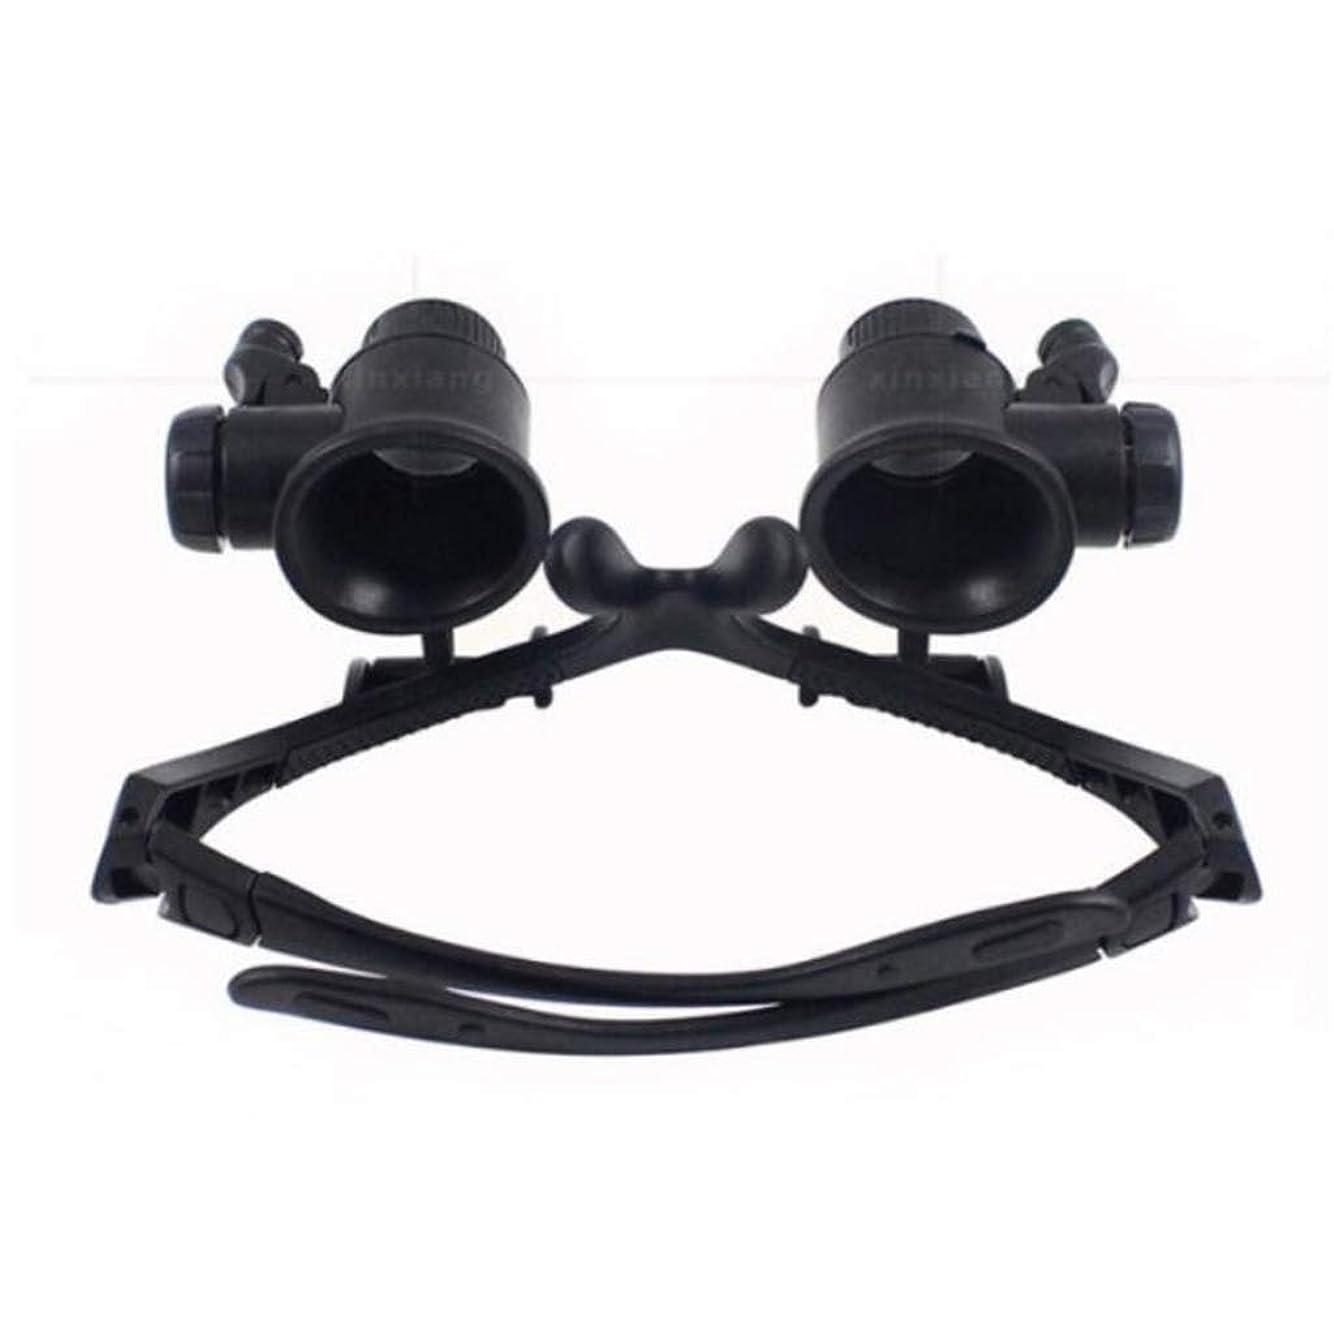 キャッチ開いたポンドBZM-ZM 拡大鏡高精細高精細レンズ時計の修復ジェイドスタンプ同定のハイ?デフィニションメガネ拡大鏡付きライト4セットを身に着けている25タイムズ